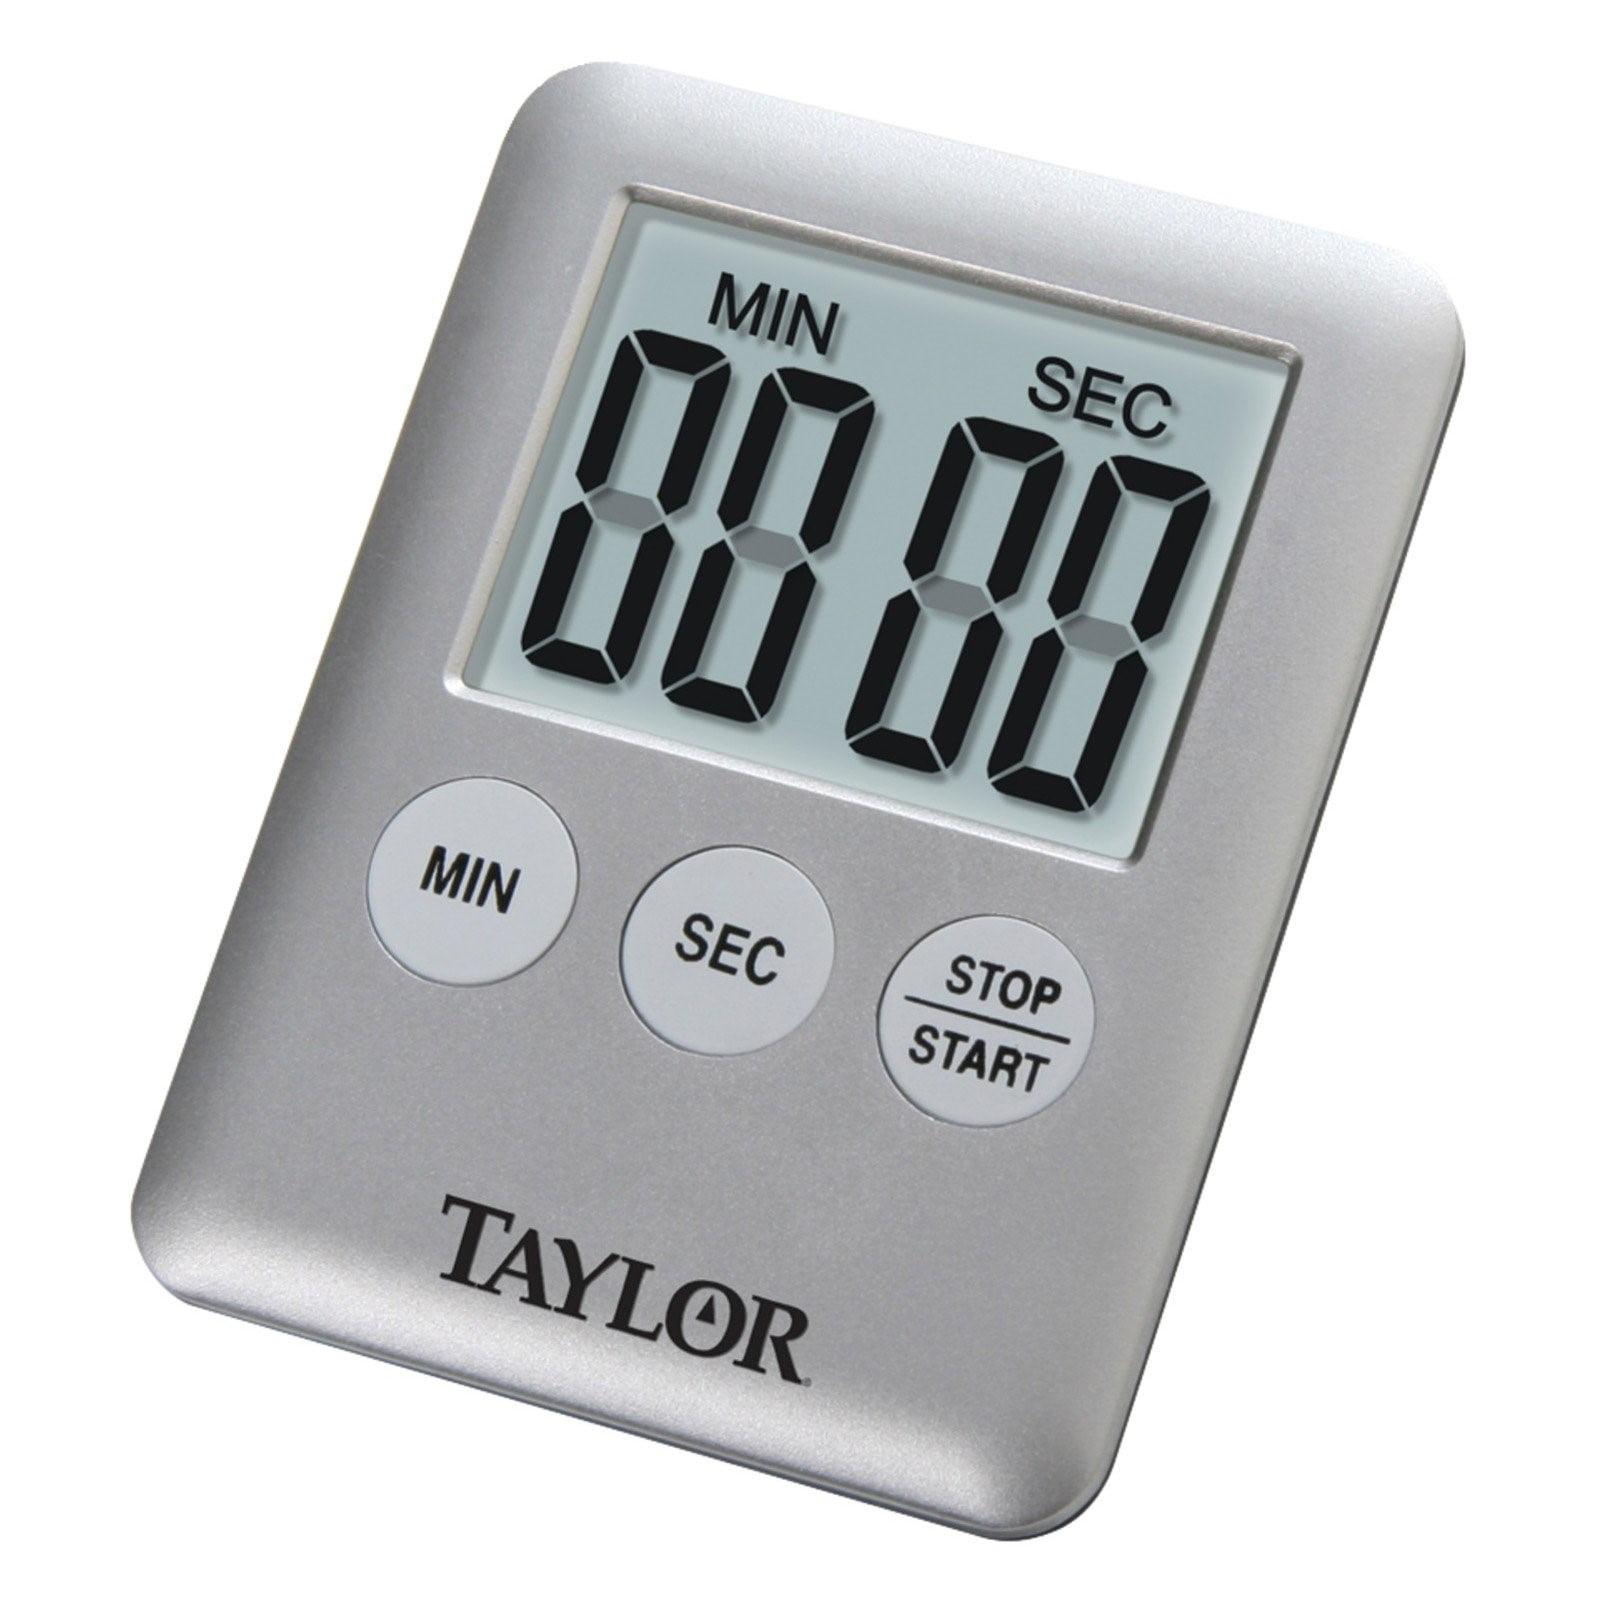 Taylor 58429 Mini Digital Kitchen Timer Walmartcom